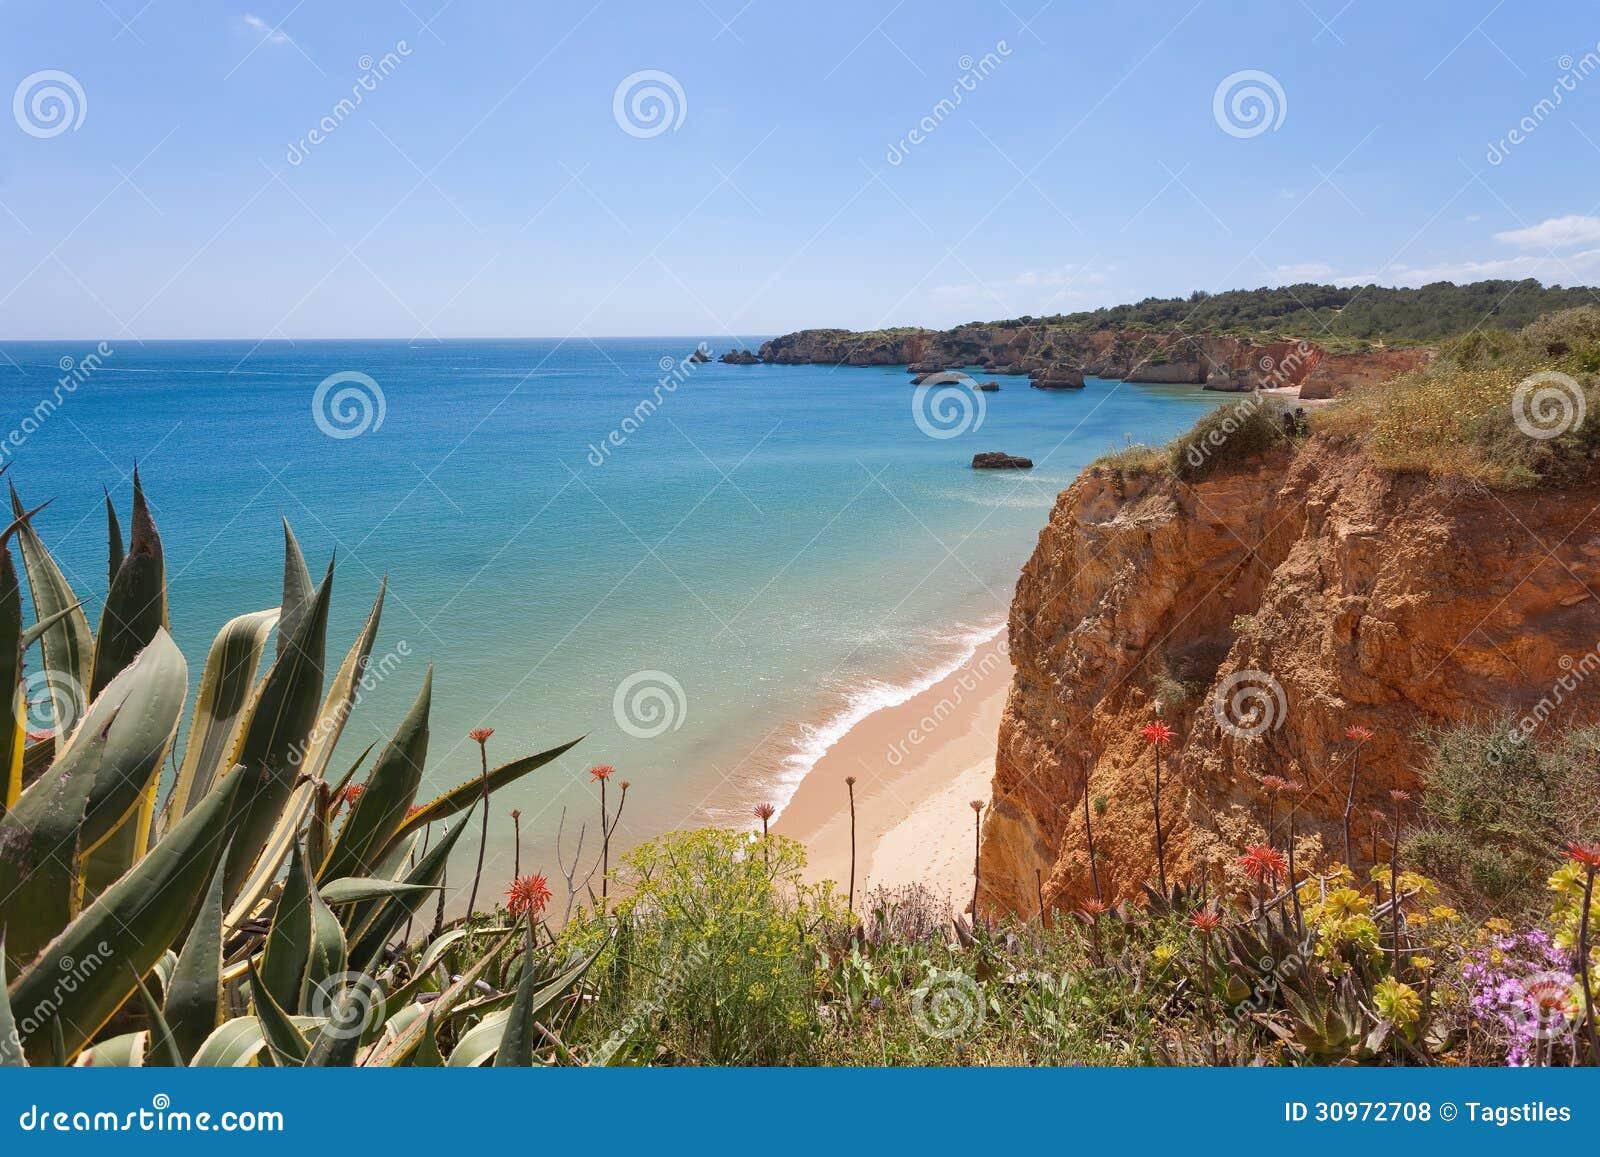 Download Praia doVau stockfoto. Bild von idyll, paradies, idyllisch - 30972708